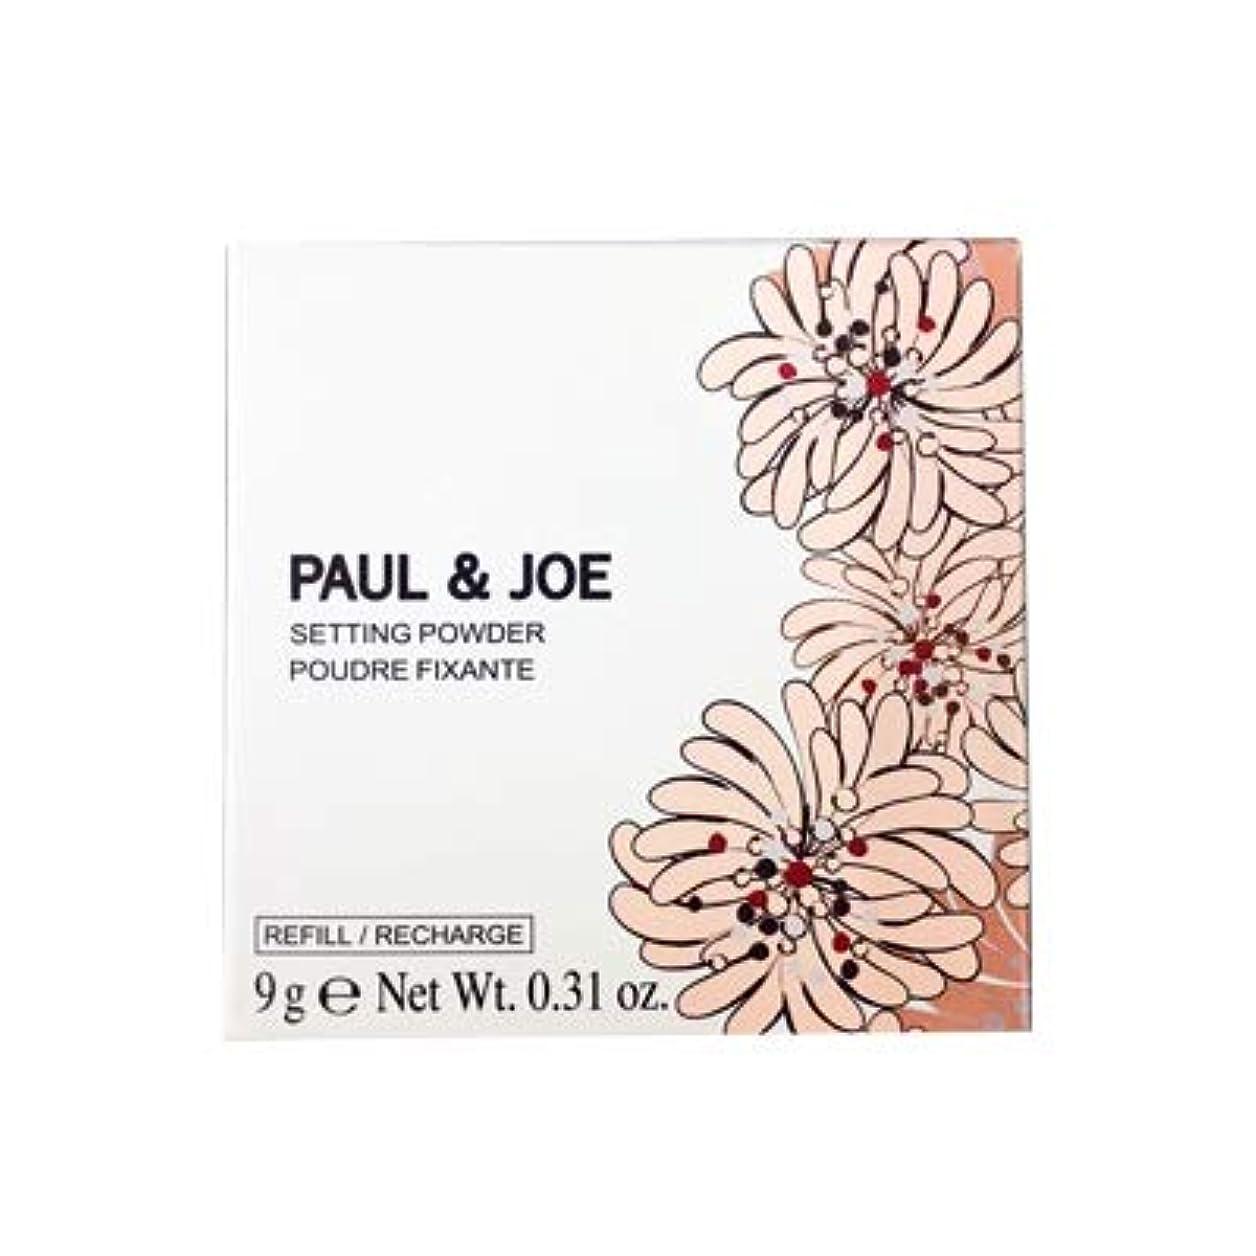 パブシーン見積りポール & ジョー/PAUL & JOE セッティング パウダー ケース #01 [ ケース ] [並行輸入品]